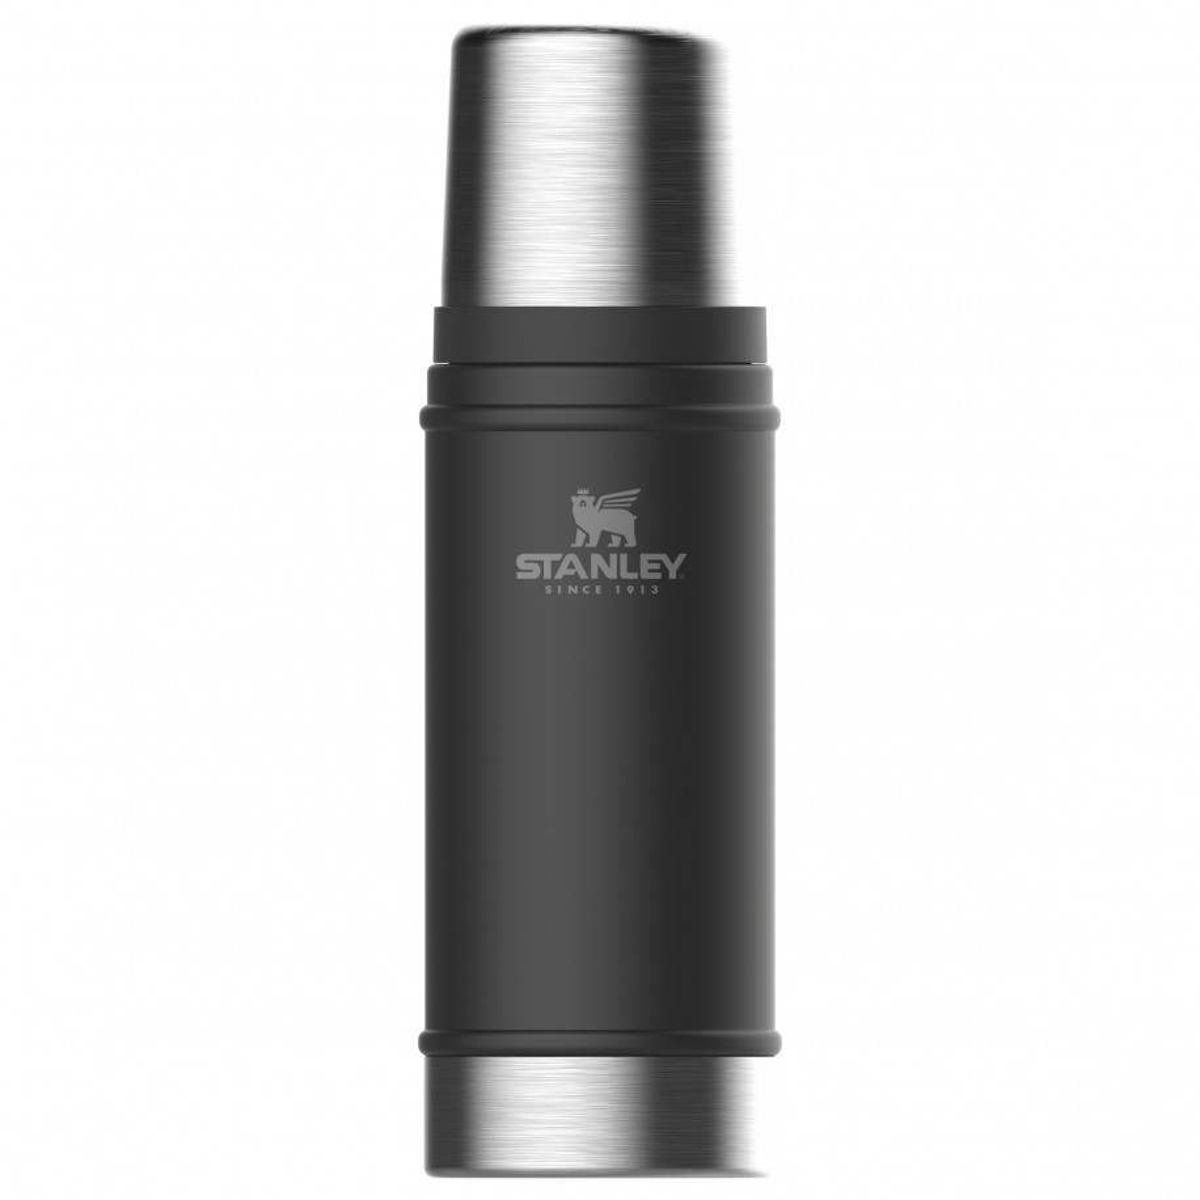 Stanley termoflaske, 0,47 L - sort